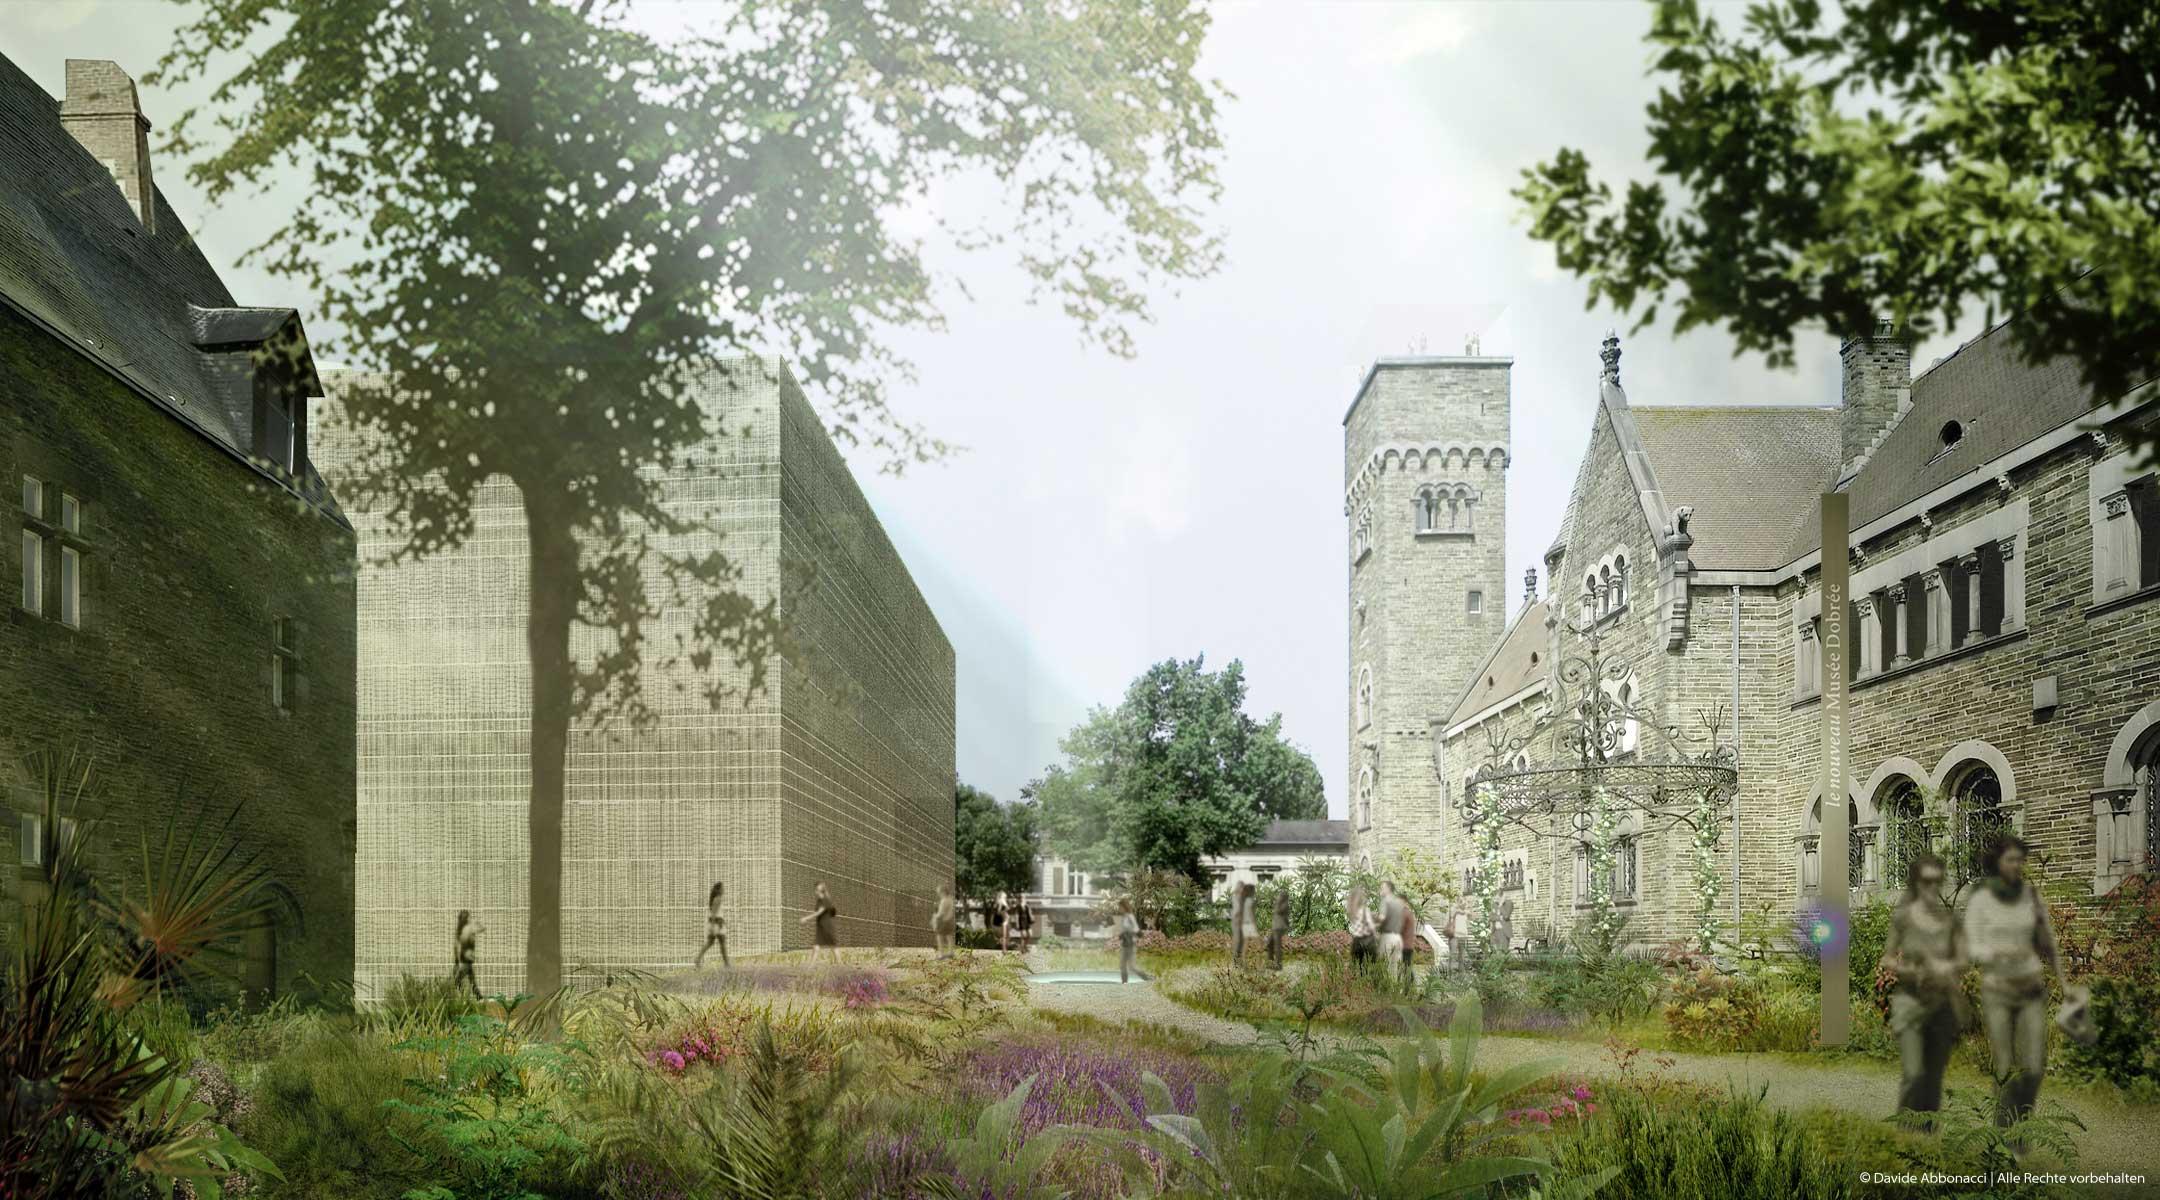 Musèe Dobrèe, Nantes   LIN Architects Urbanists   2009 Wettbewerbsvisualisierung   Mitarbeiter: Tom Hemmerich